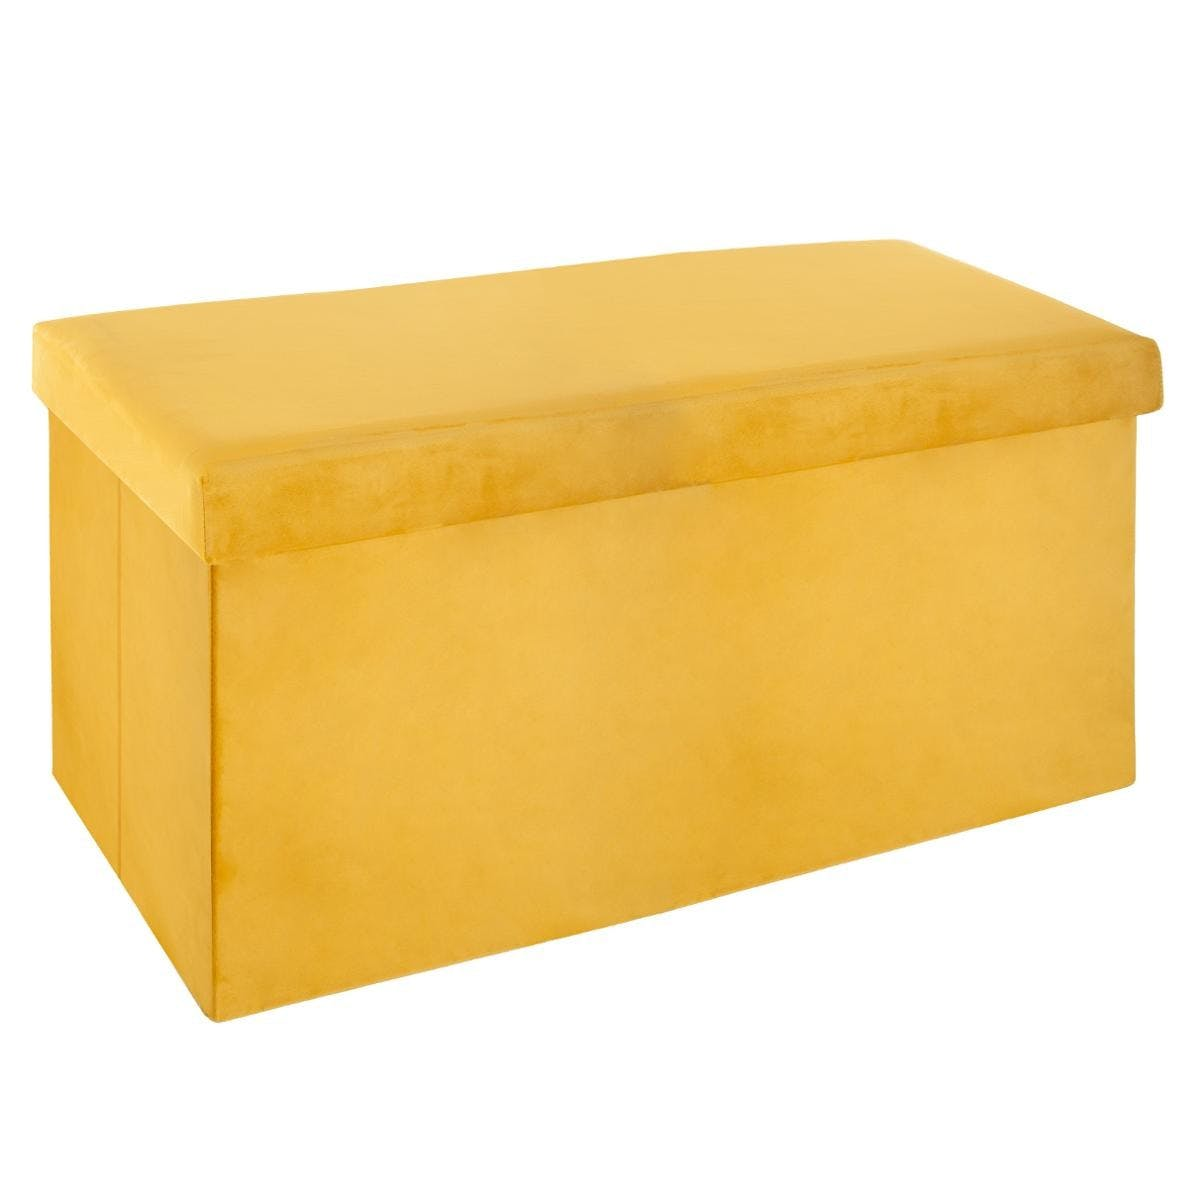 Banc coffre de rangement pliant revêtement en velours jaune 76x38x37cm